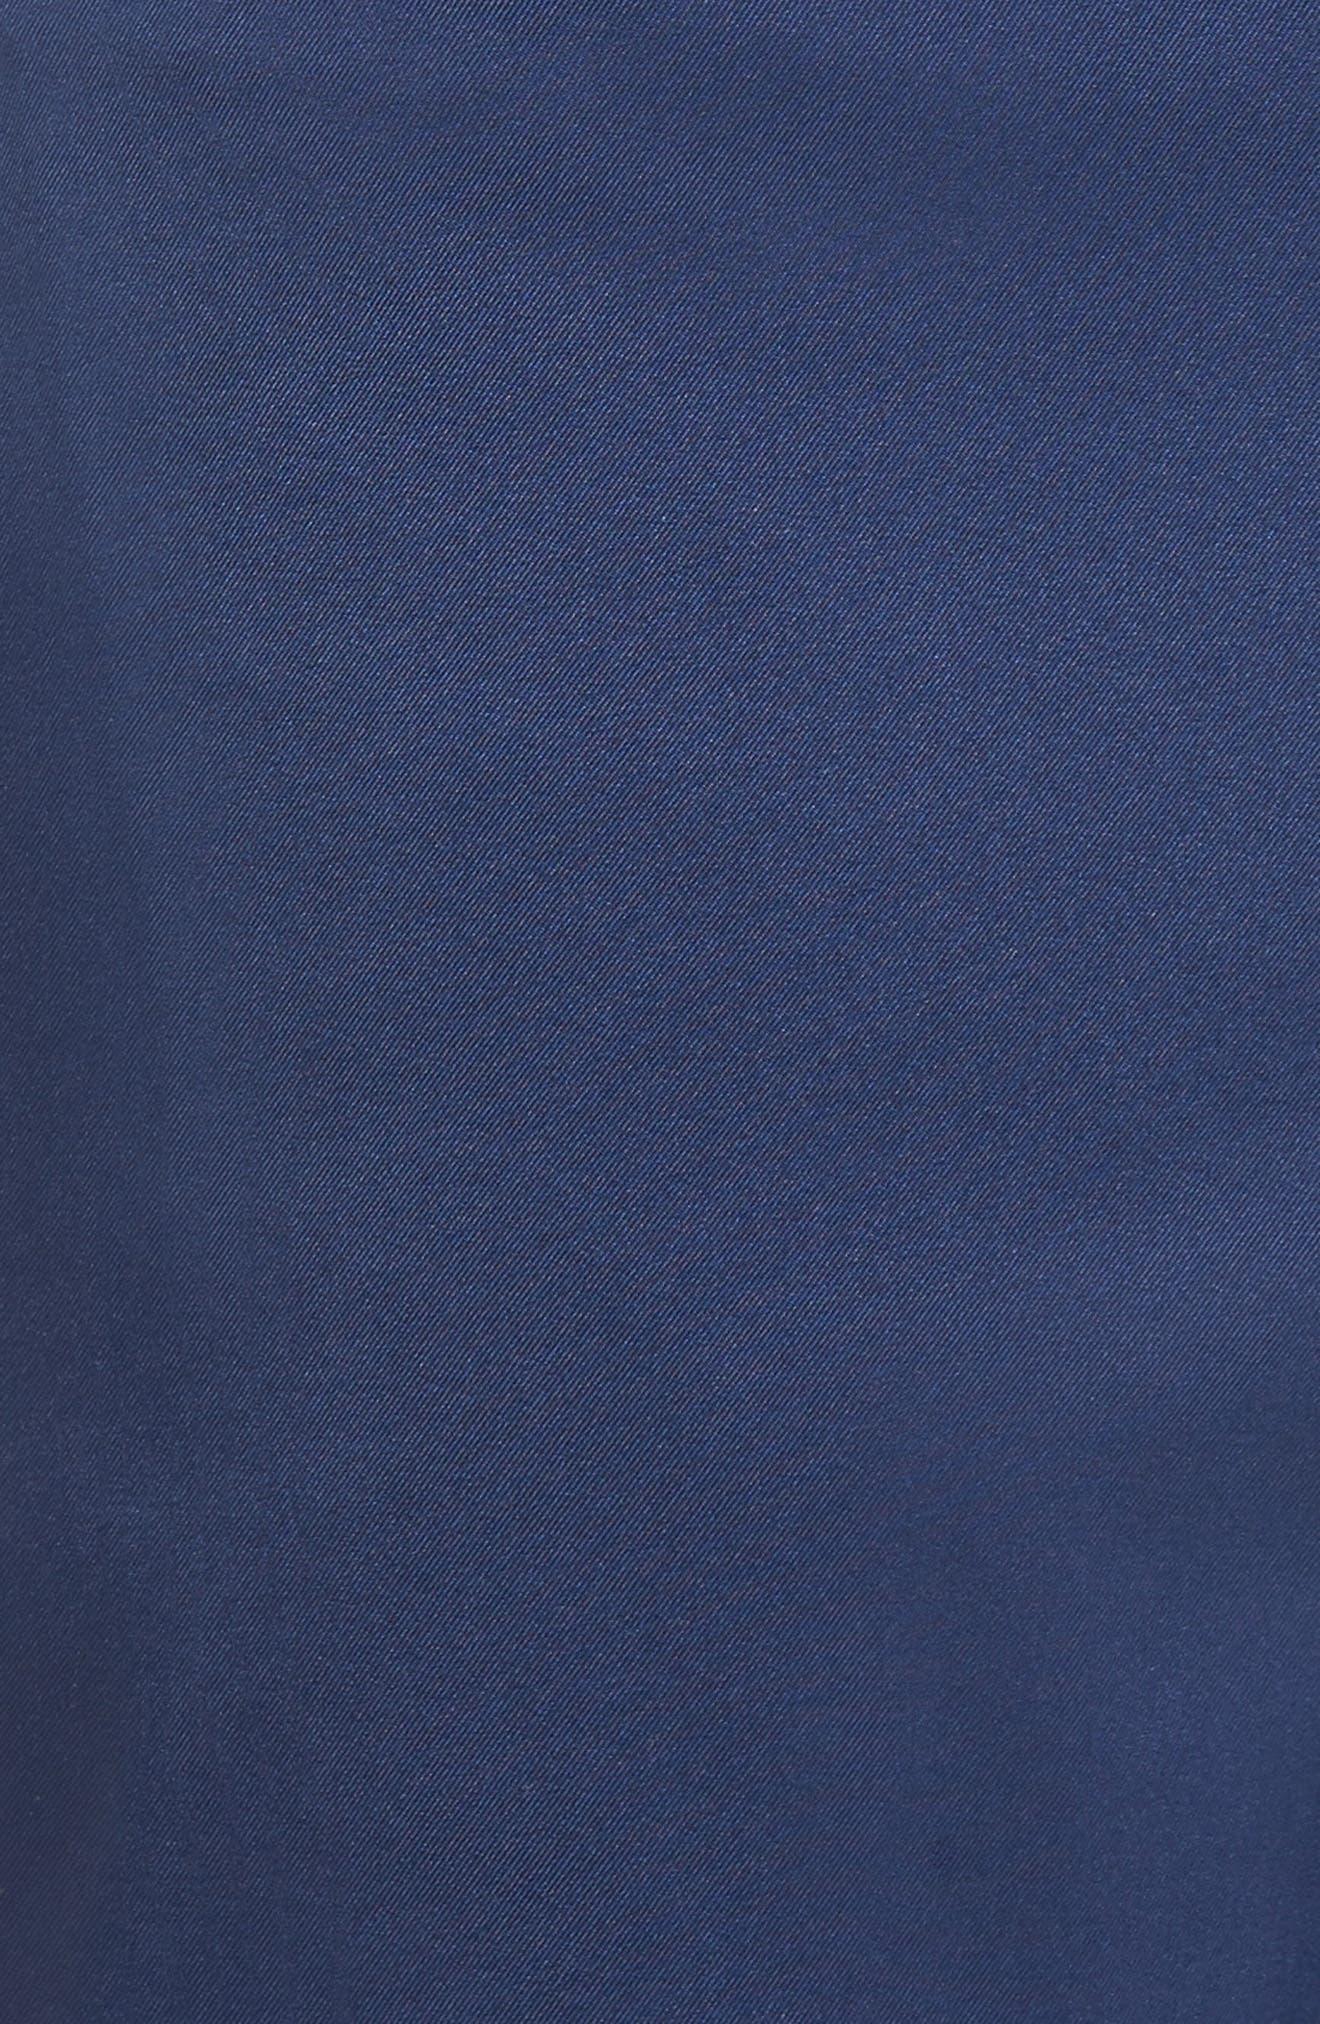 Flat Front Dri-FIT Tech Golf Pants,                             Alternate thumbnail 33, color,